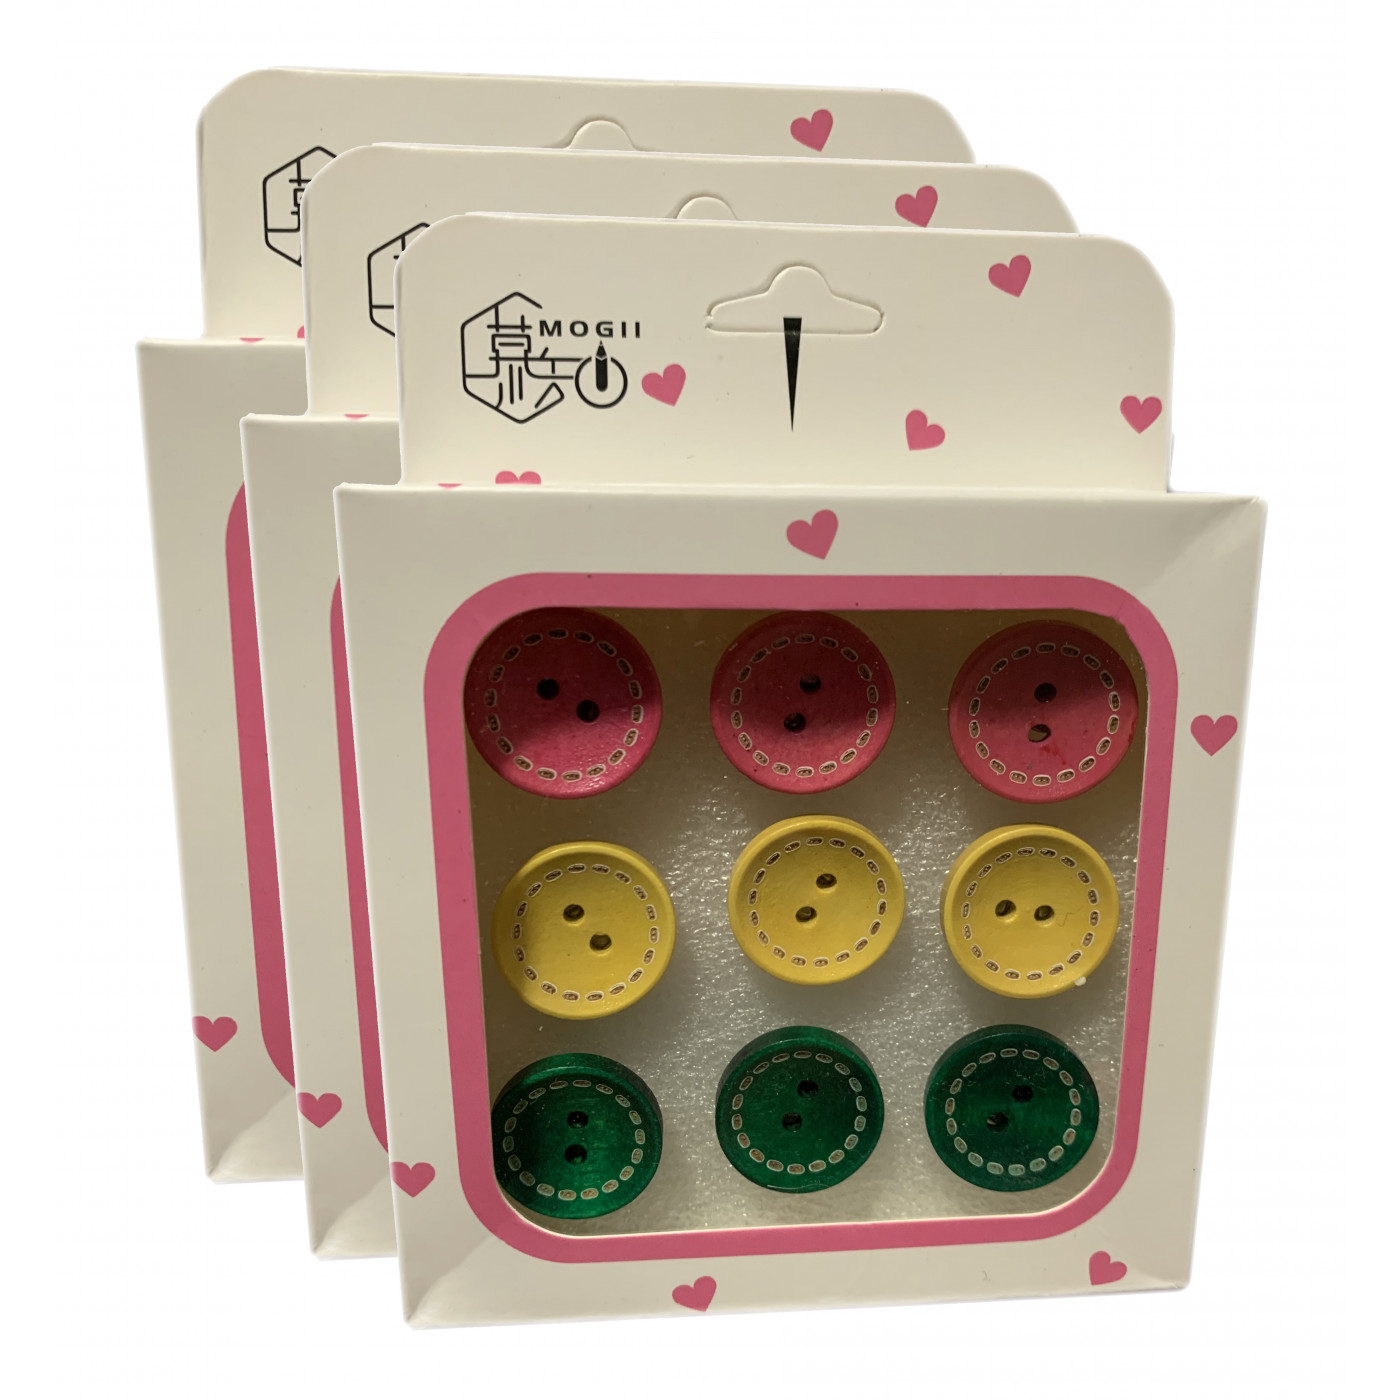 Set von 27 süßen Reißnägeln in Schachteln (Modell: Knöpfe rosa, gelb, grün)  - 1